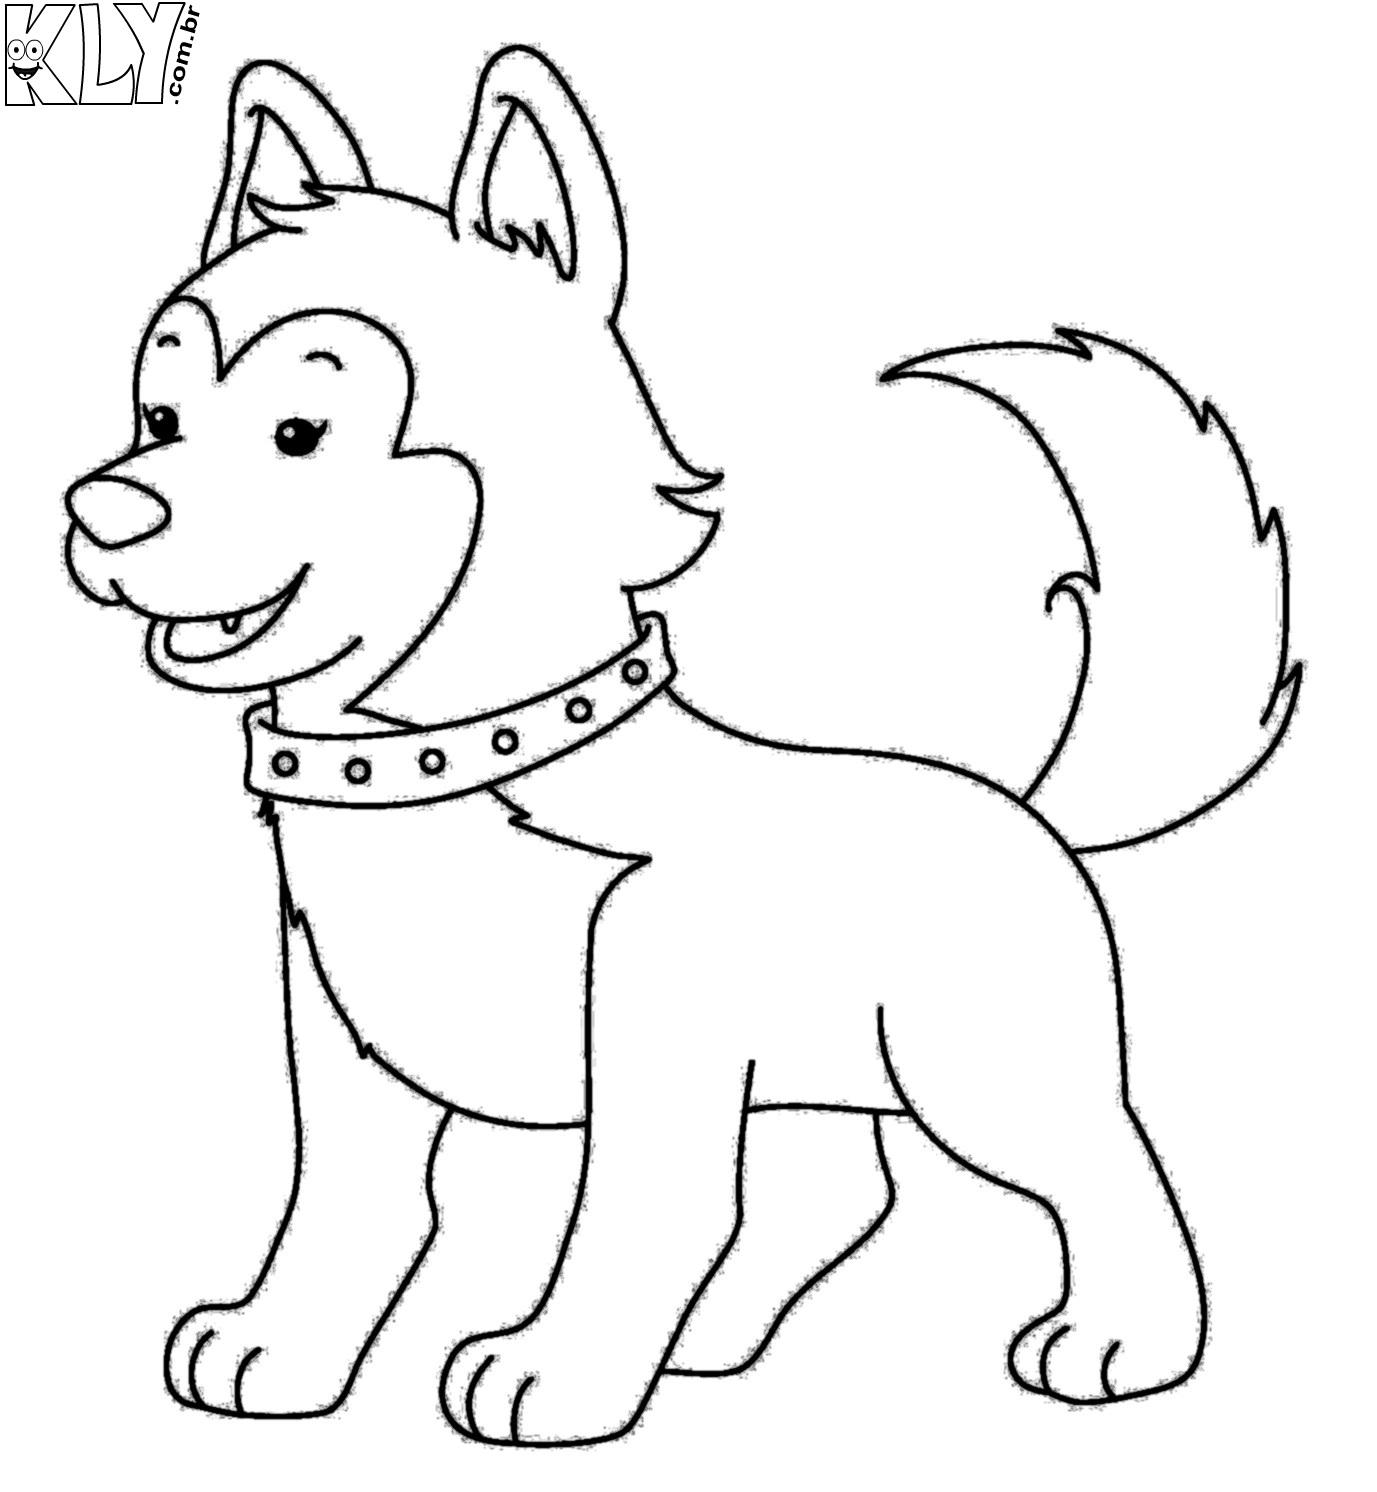 desenhos de animais para colorir desenhos de animais para colorir